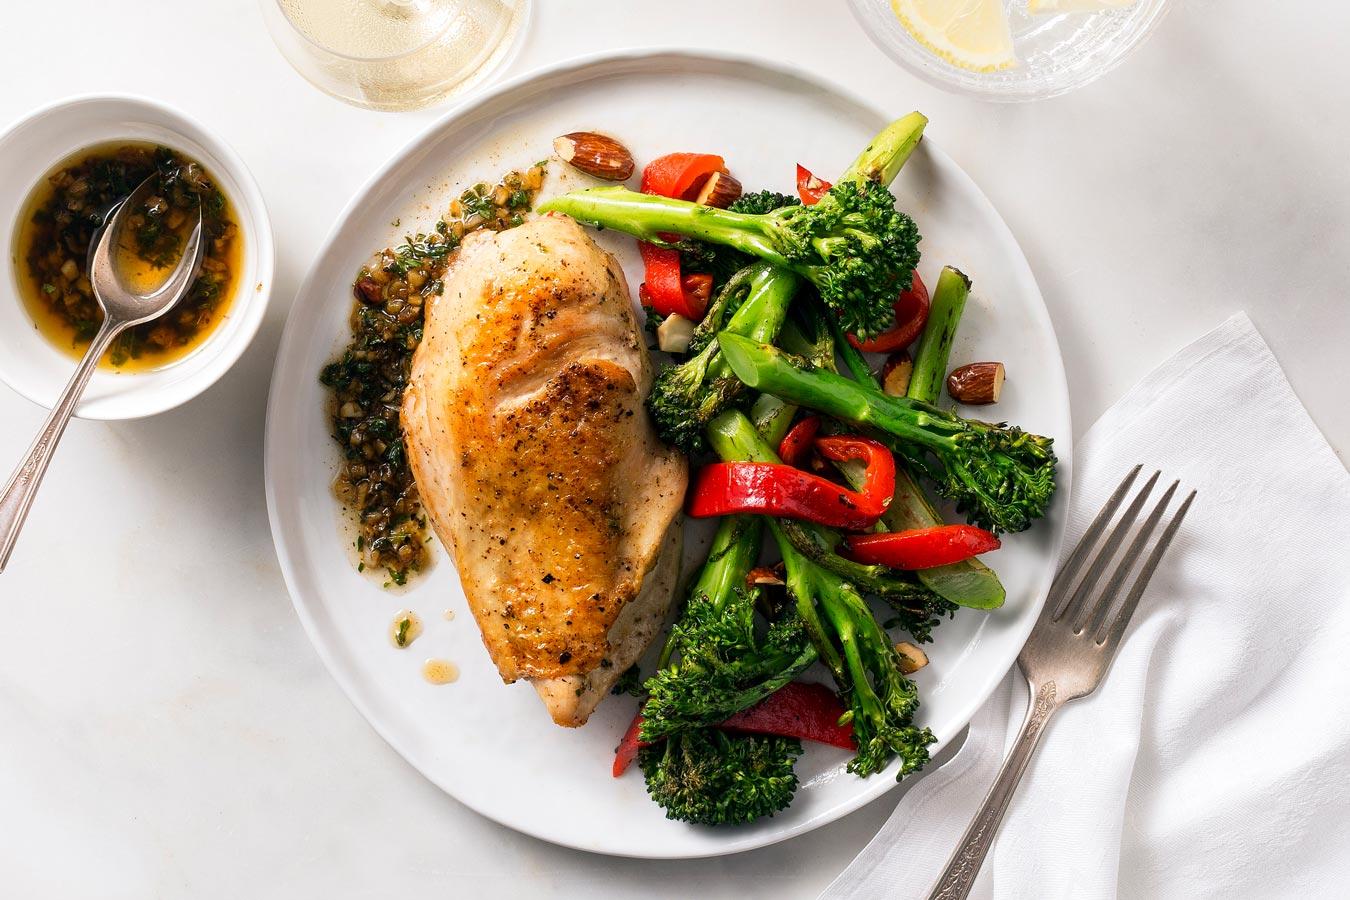 Sicilian chicken breasts with salmoriglio sauce and broccoli